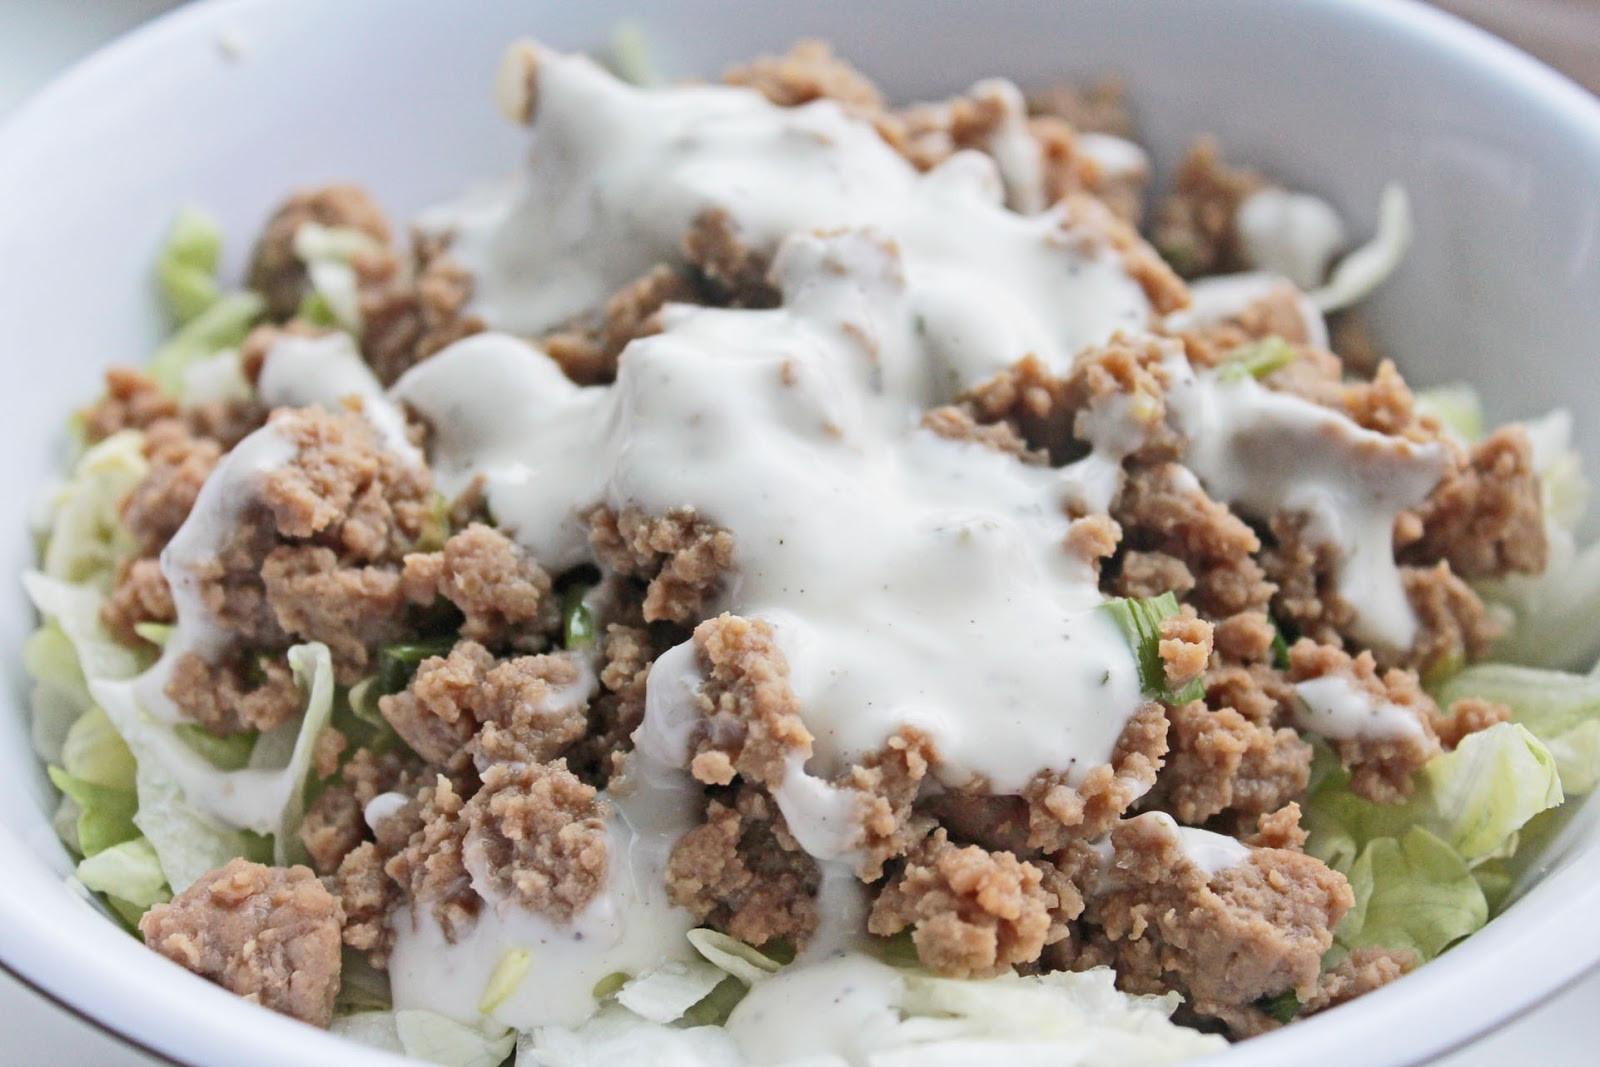 Ground Turkey Healthy  Healthy Dinner Recipe Ground Turkey Stir Fry Lettuce